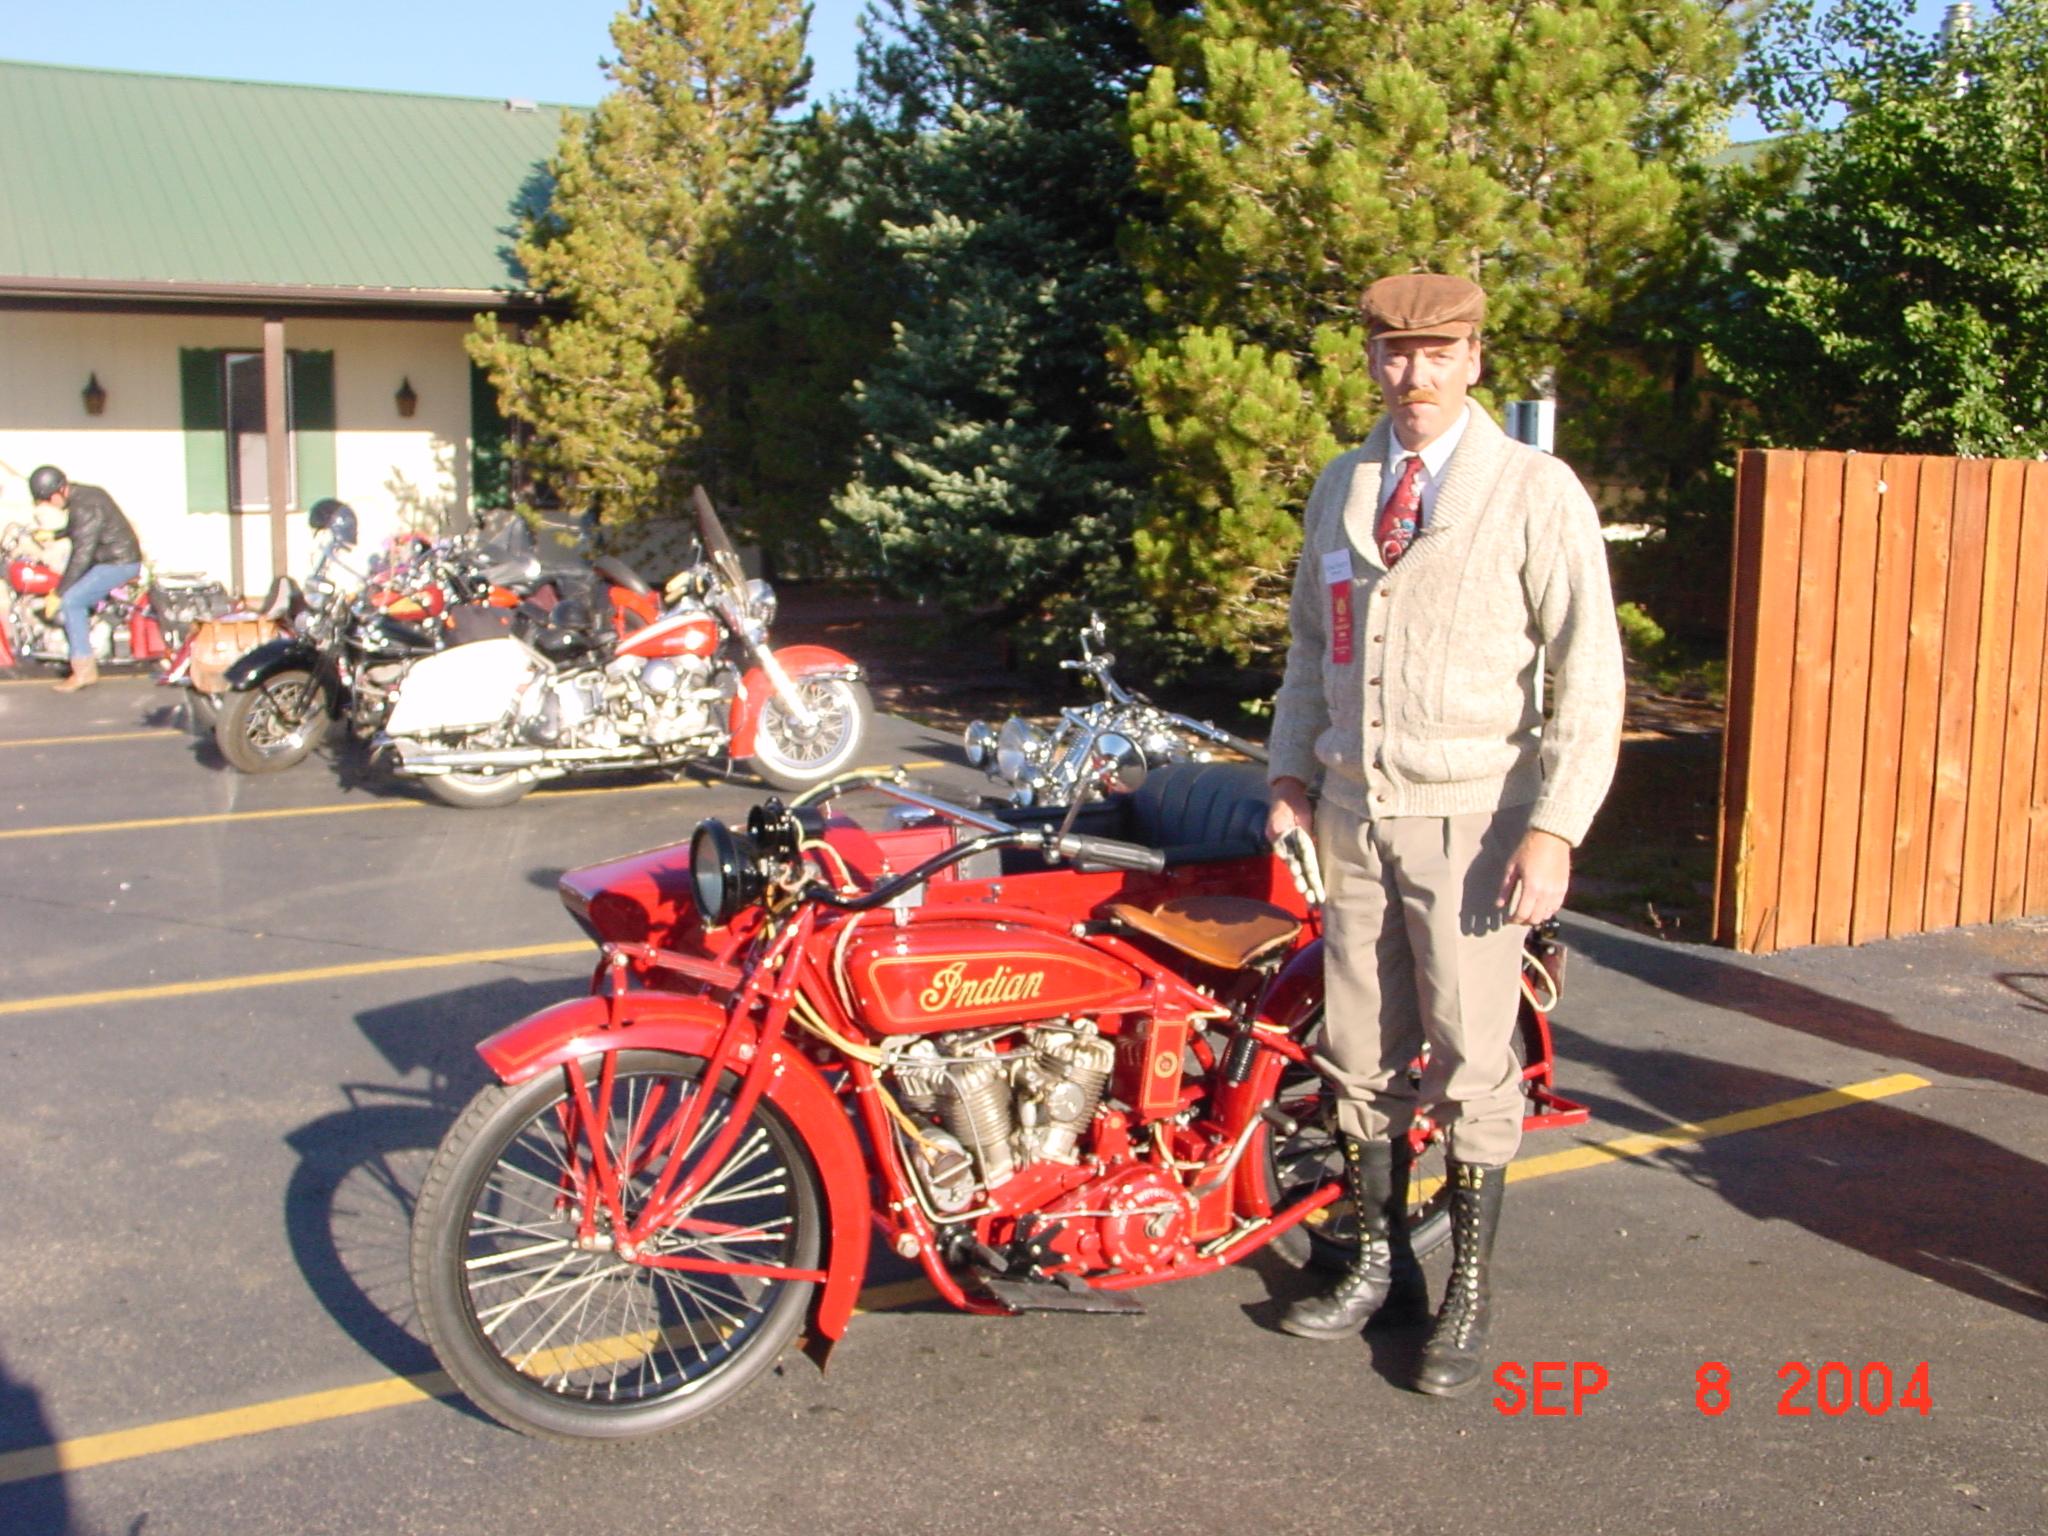 Gunnison Road Ride 2004 (5).jpg